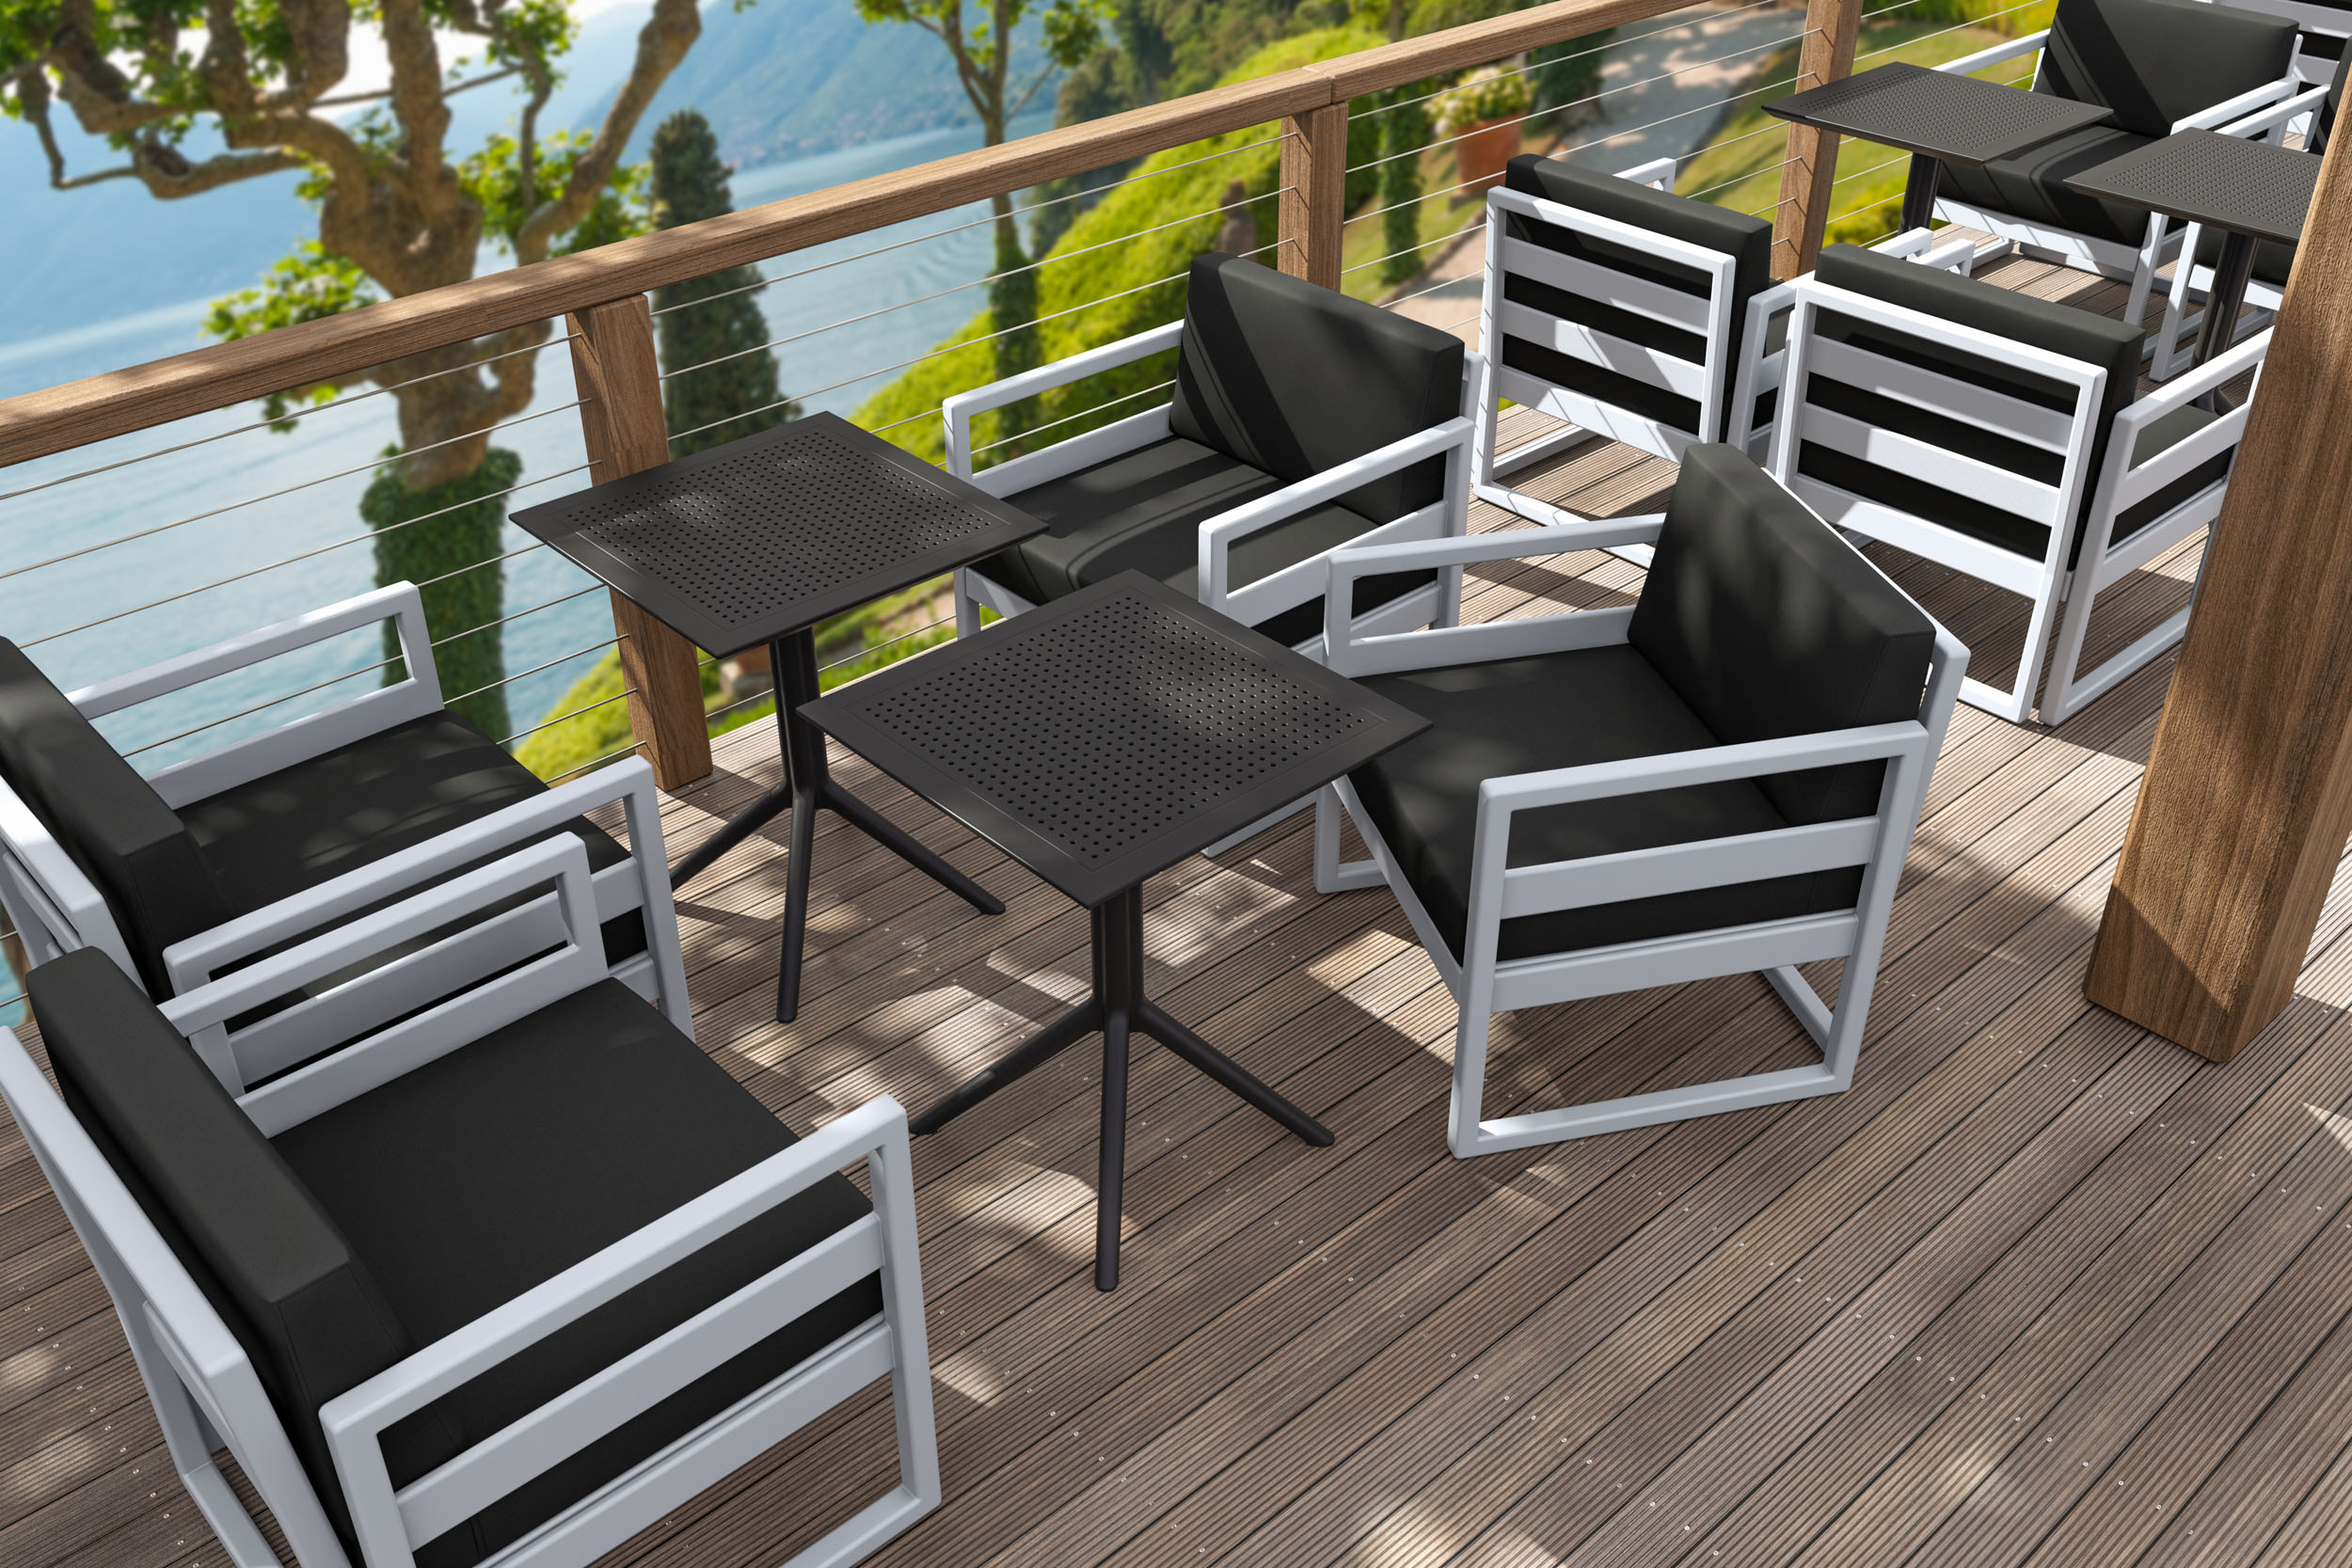 01 772 ml armchair sky folding table 60